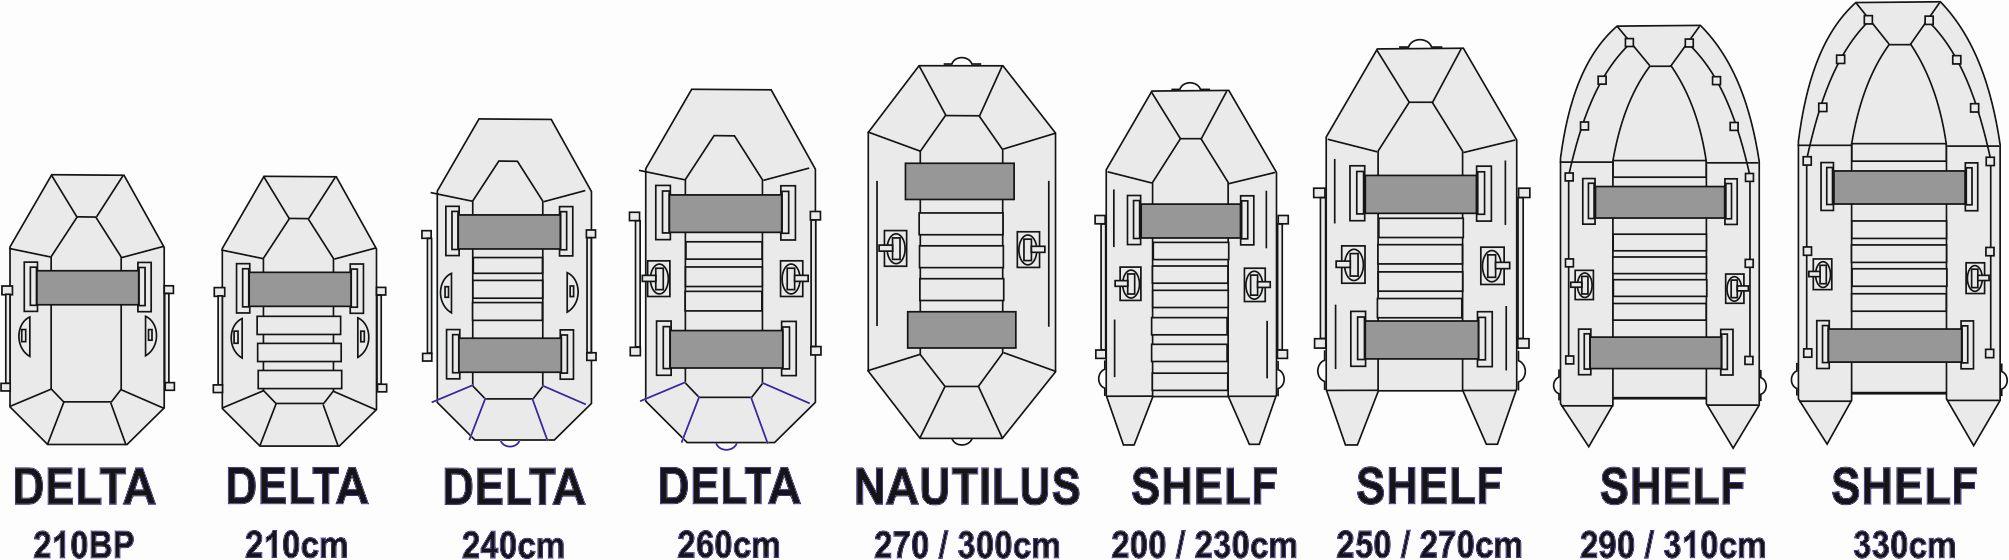 Modely člnov SPORTEX